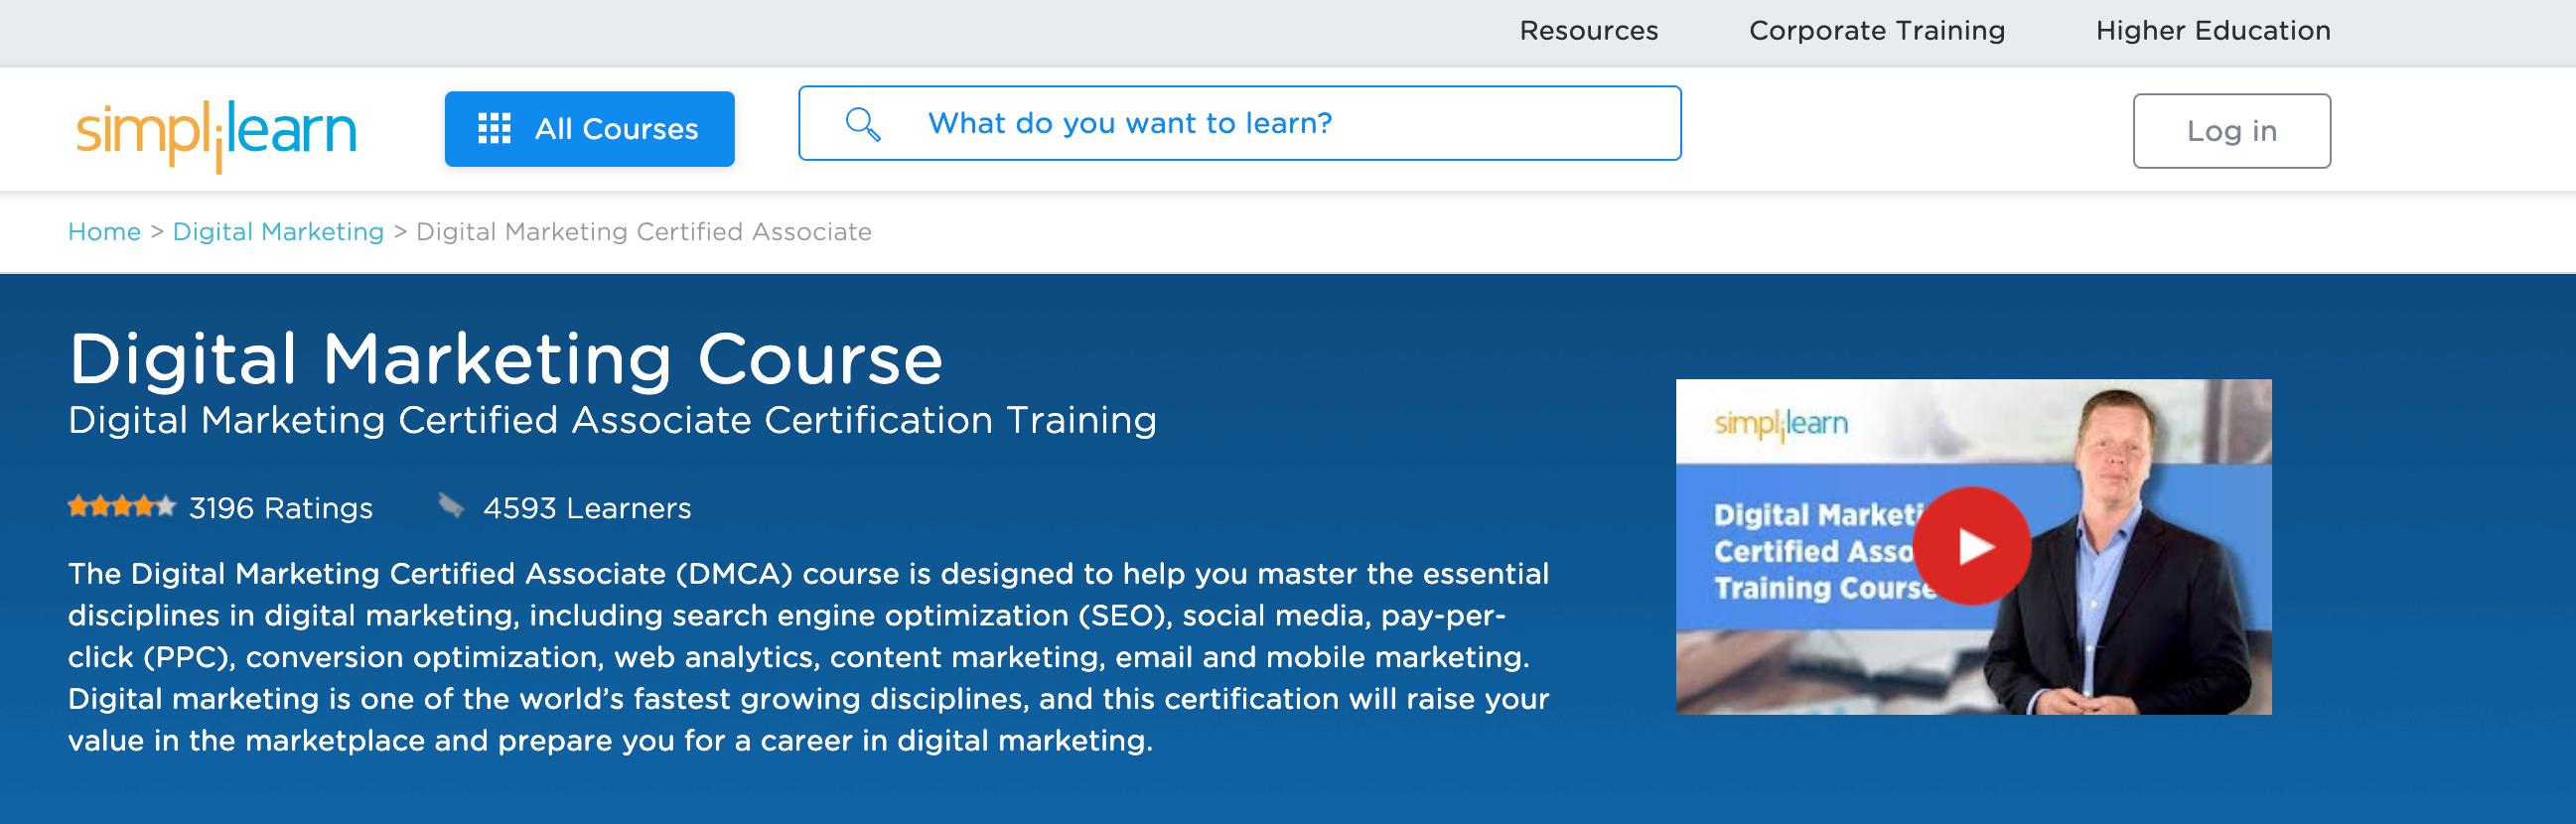 Simplilearn Digital Marketing Course-